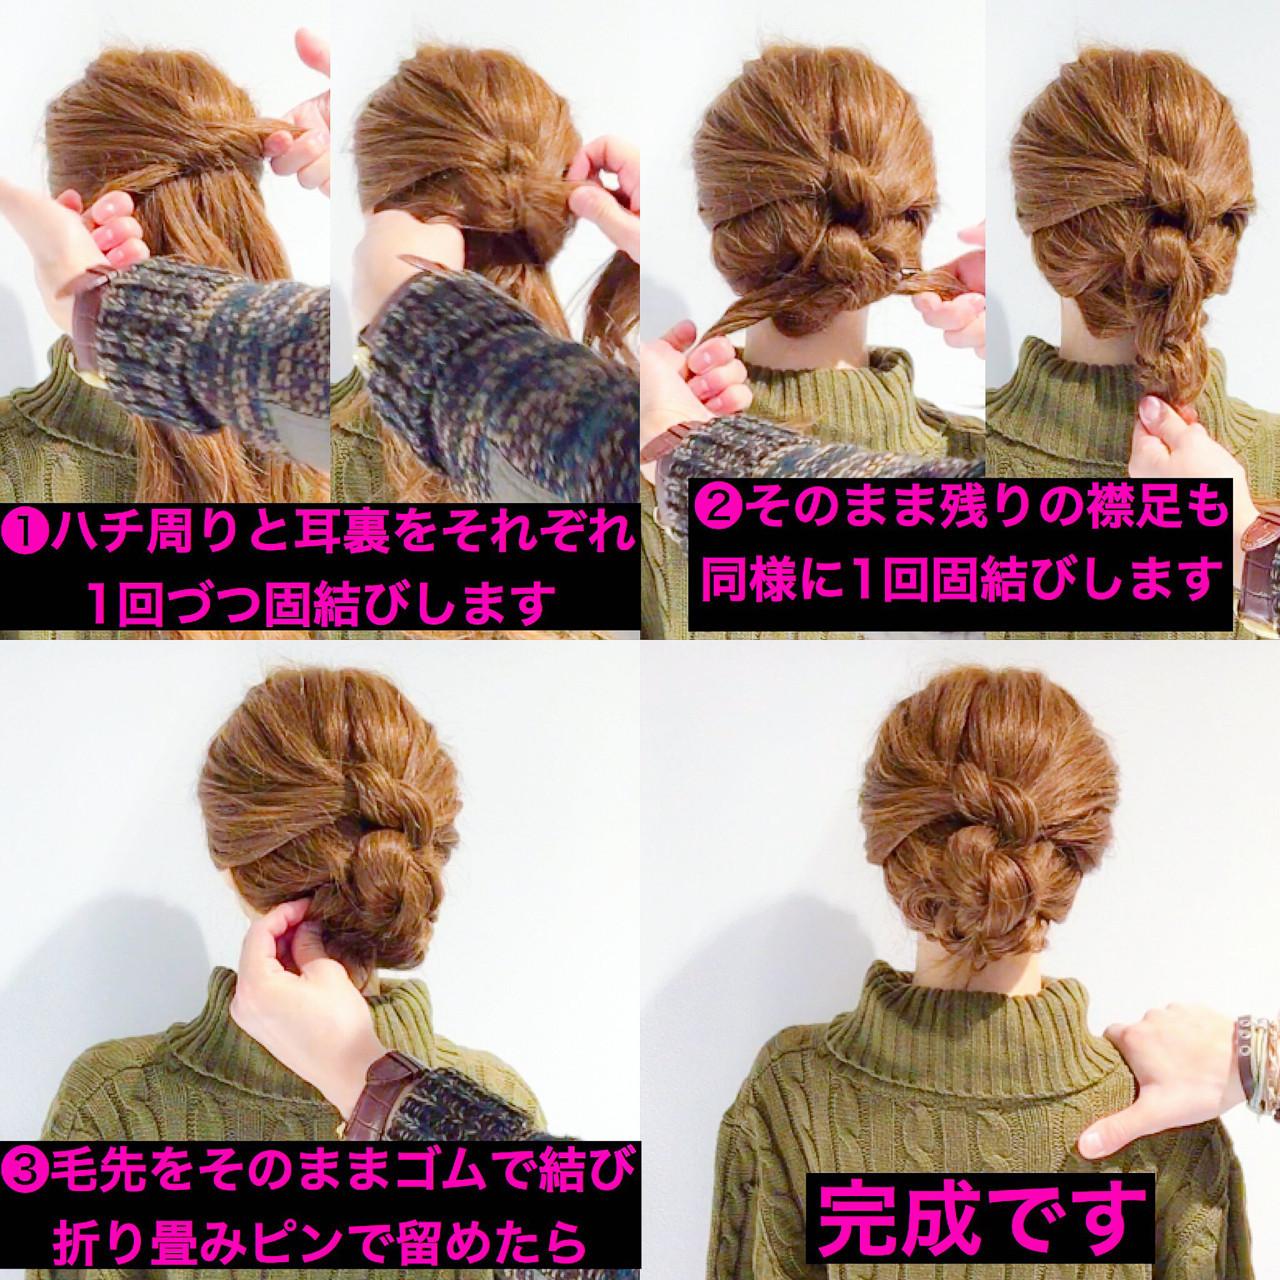 固結びするだけ!ざっくりまとめ髪で大人カジュアルに 美容師 HIRO  Amoute/アムティ